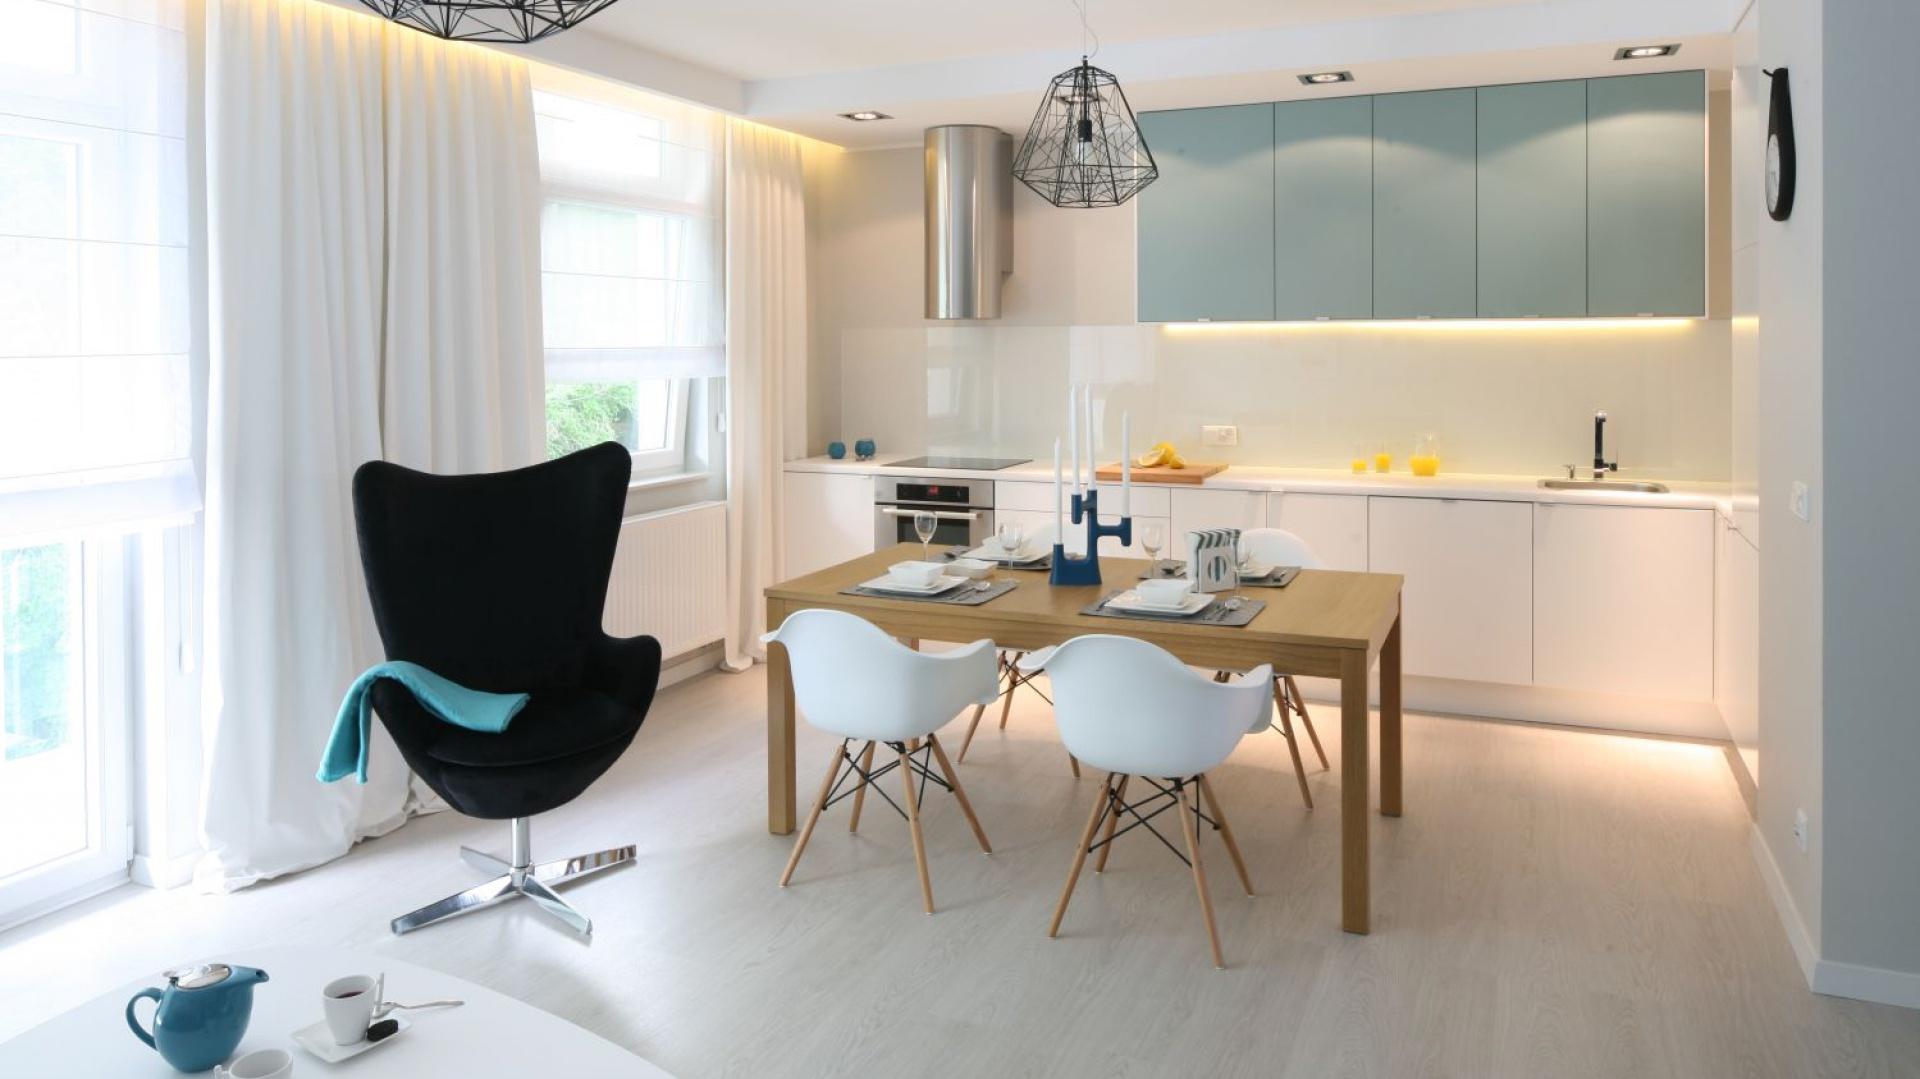 Zabudowa kuchenna poprowadzona na jednej ścianie stanowi subtelne tło dla salonowej aranżacji otwartej strefy dziennej. Projekt: Anna Maria Sokołowska. Fot. Bartosz Jarosz.